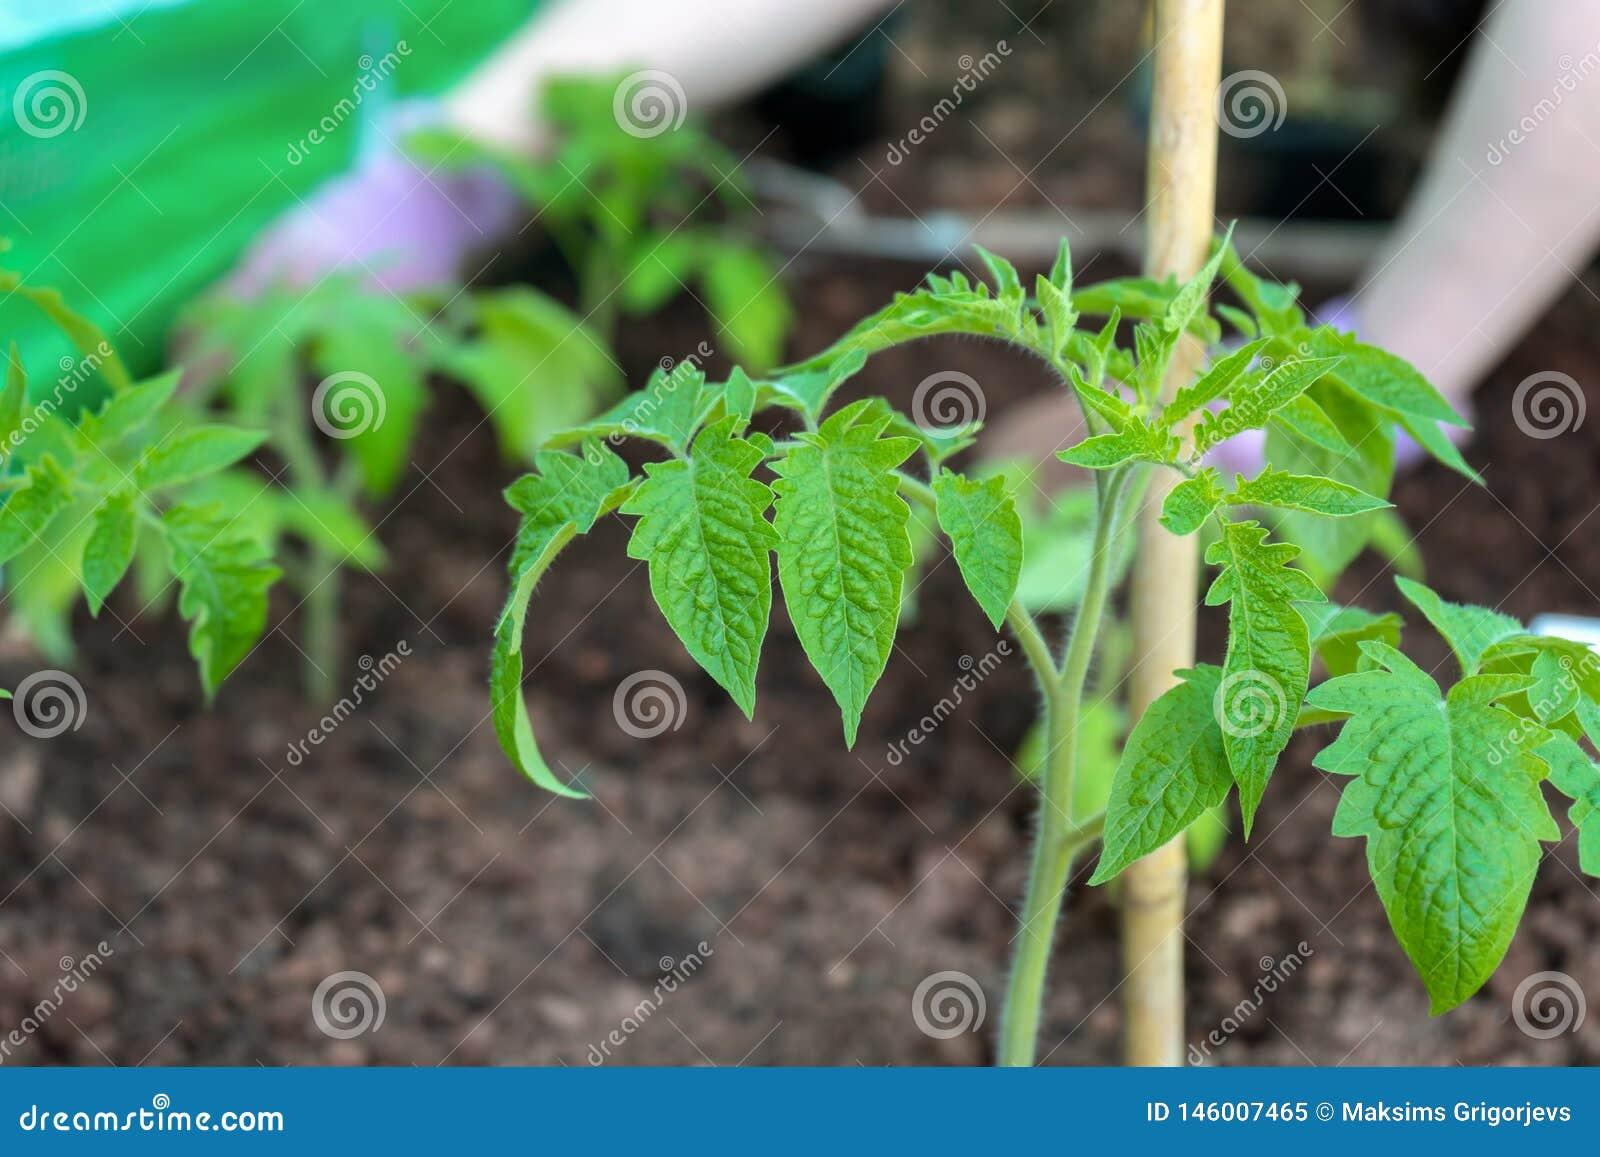 Unga växter av växande tomater på grönsaksäng i trädgård och bluured bakgrund av bondes händer